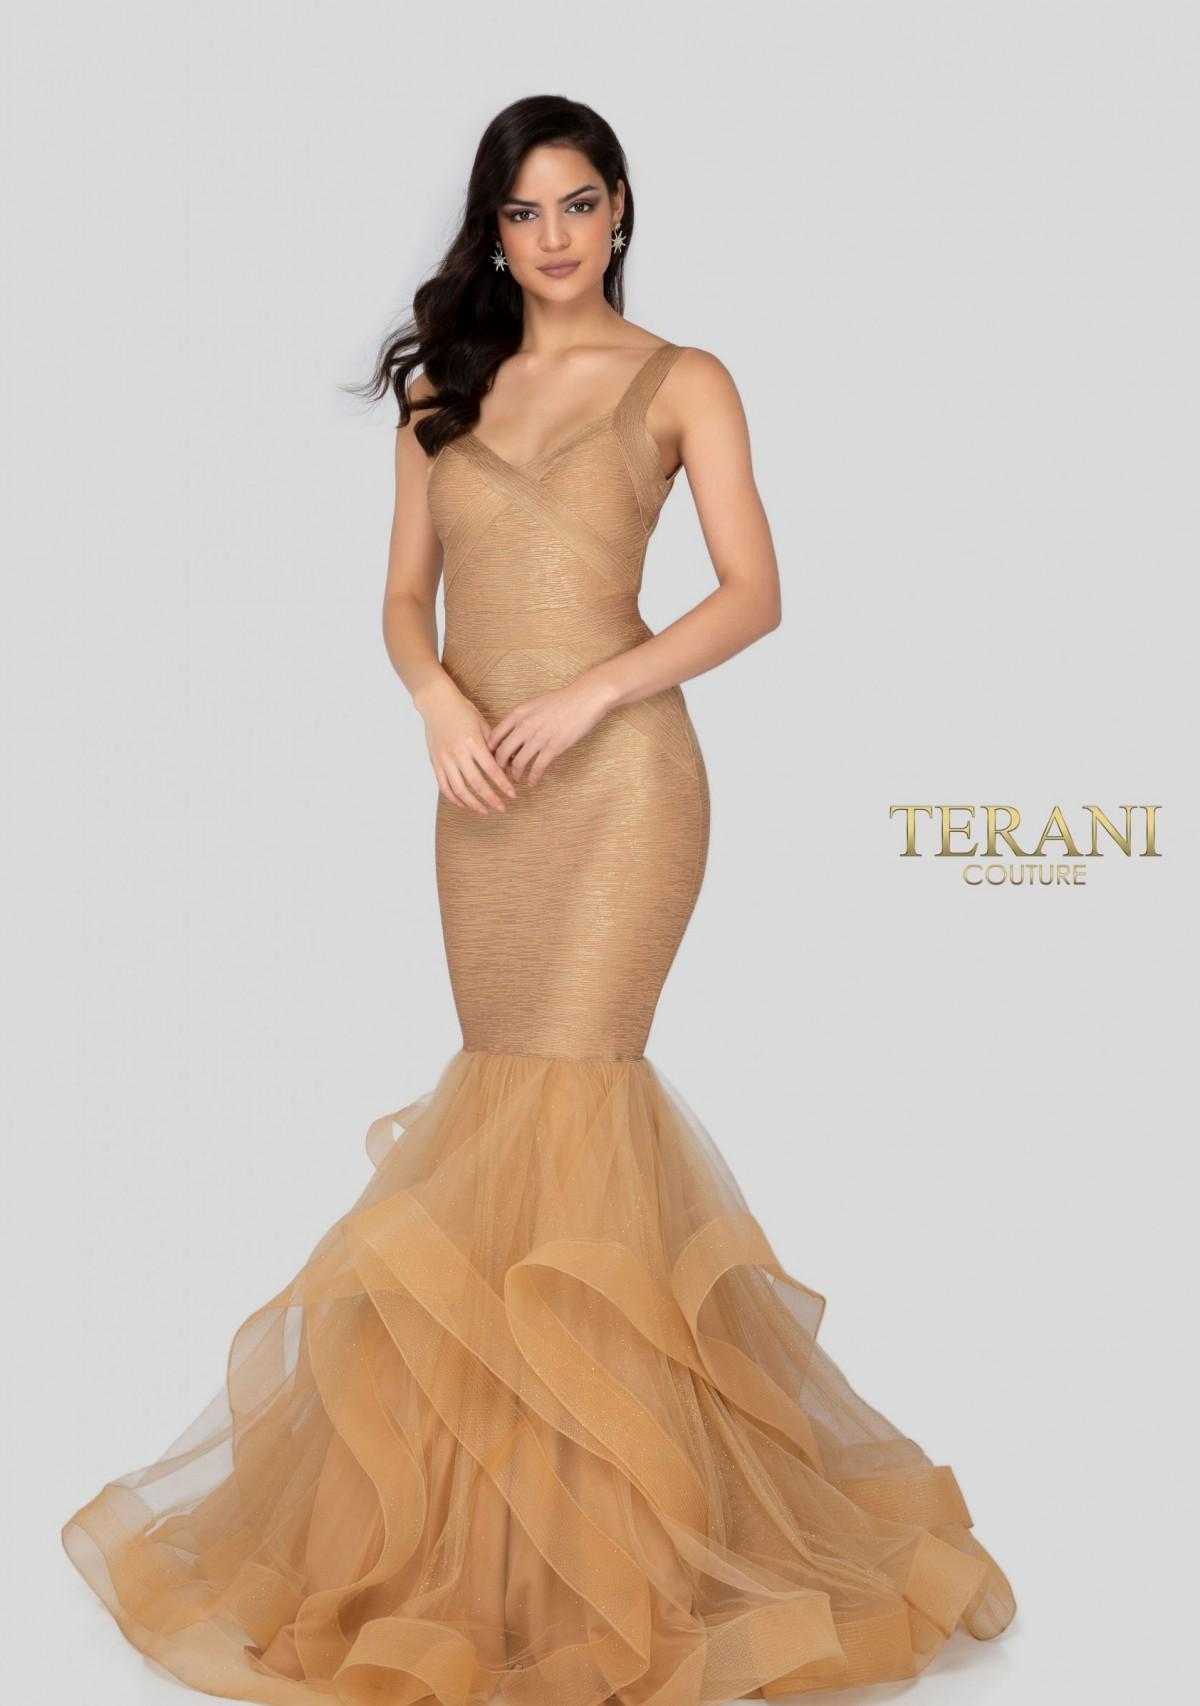 Terani Couture Mermaid